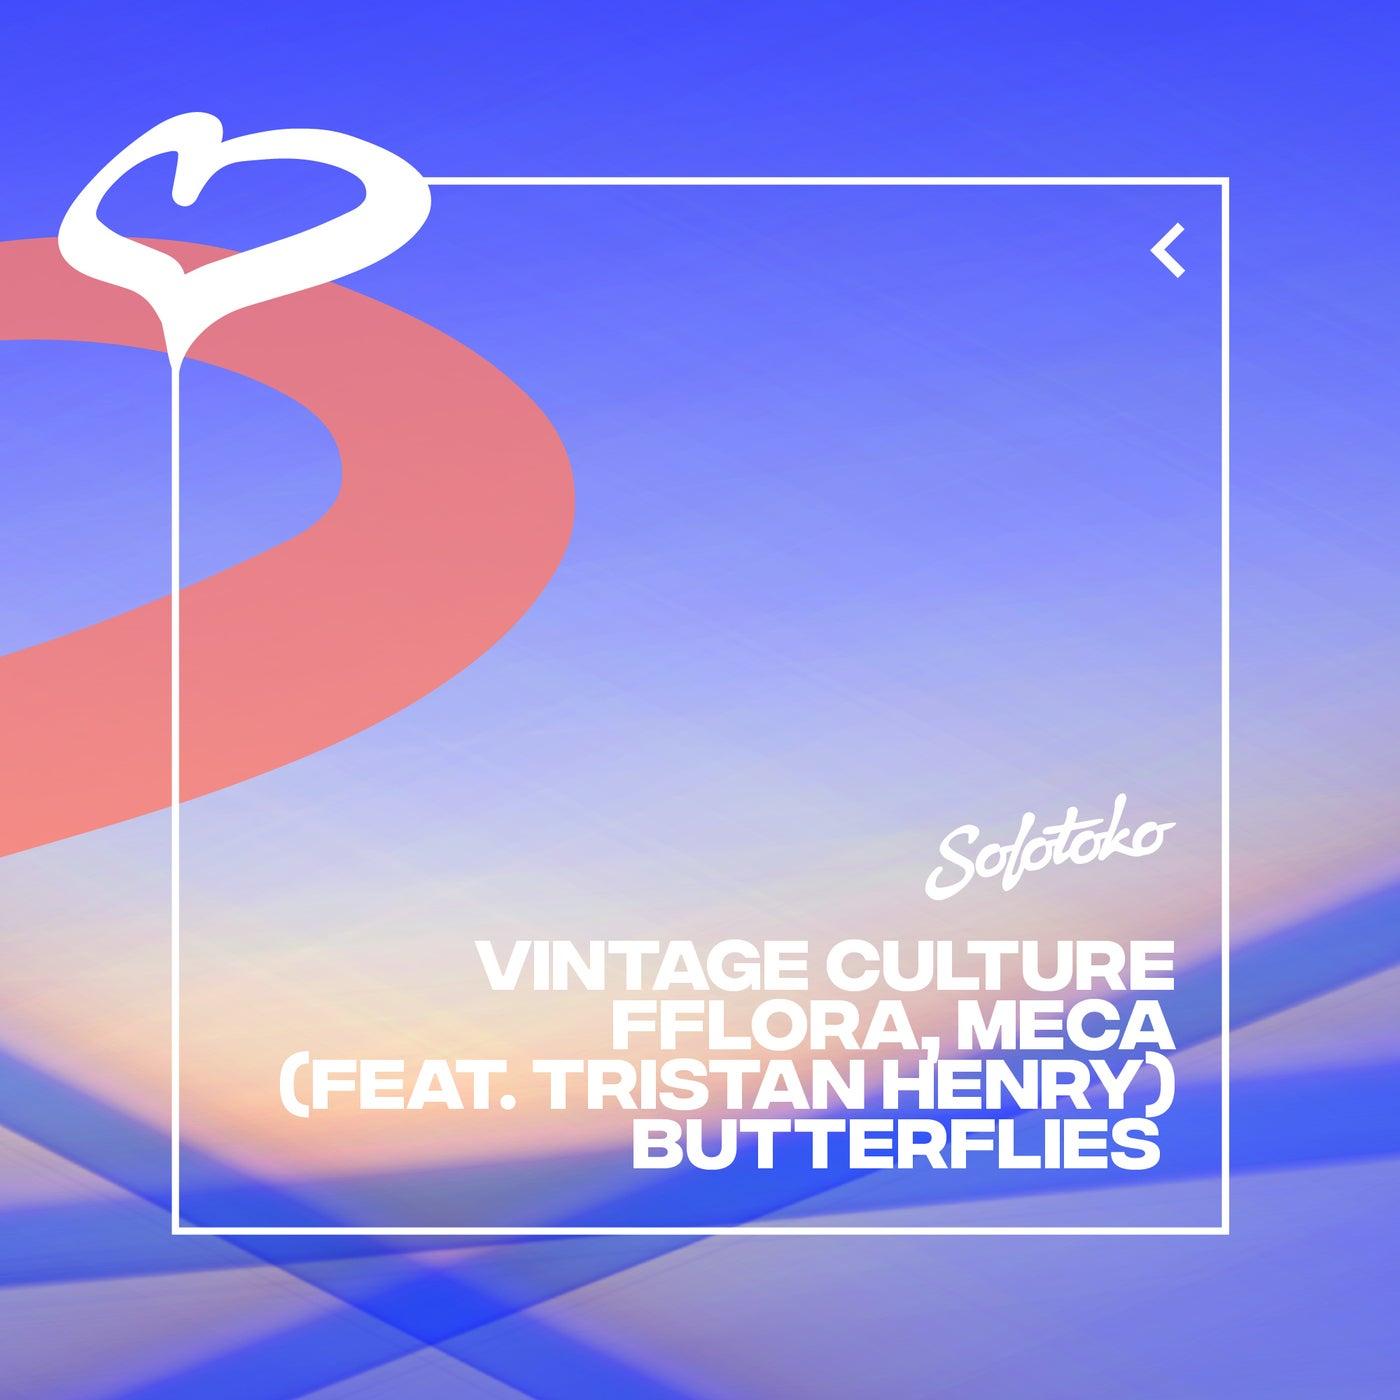 Butterflies (feat. Tristan Henry) (Extended Mix)